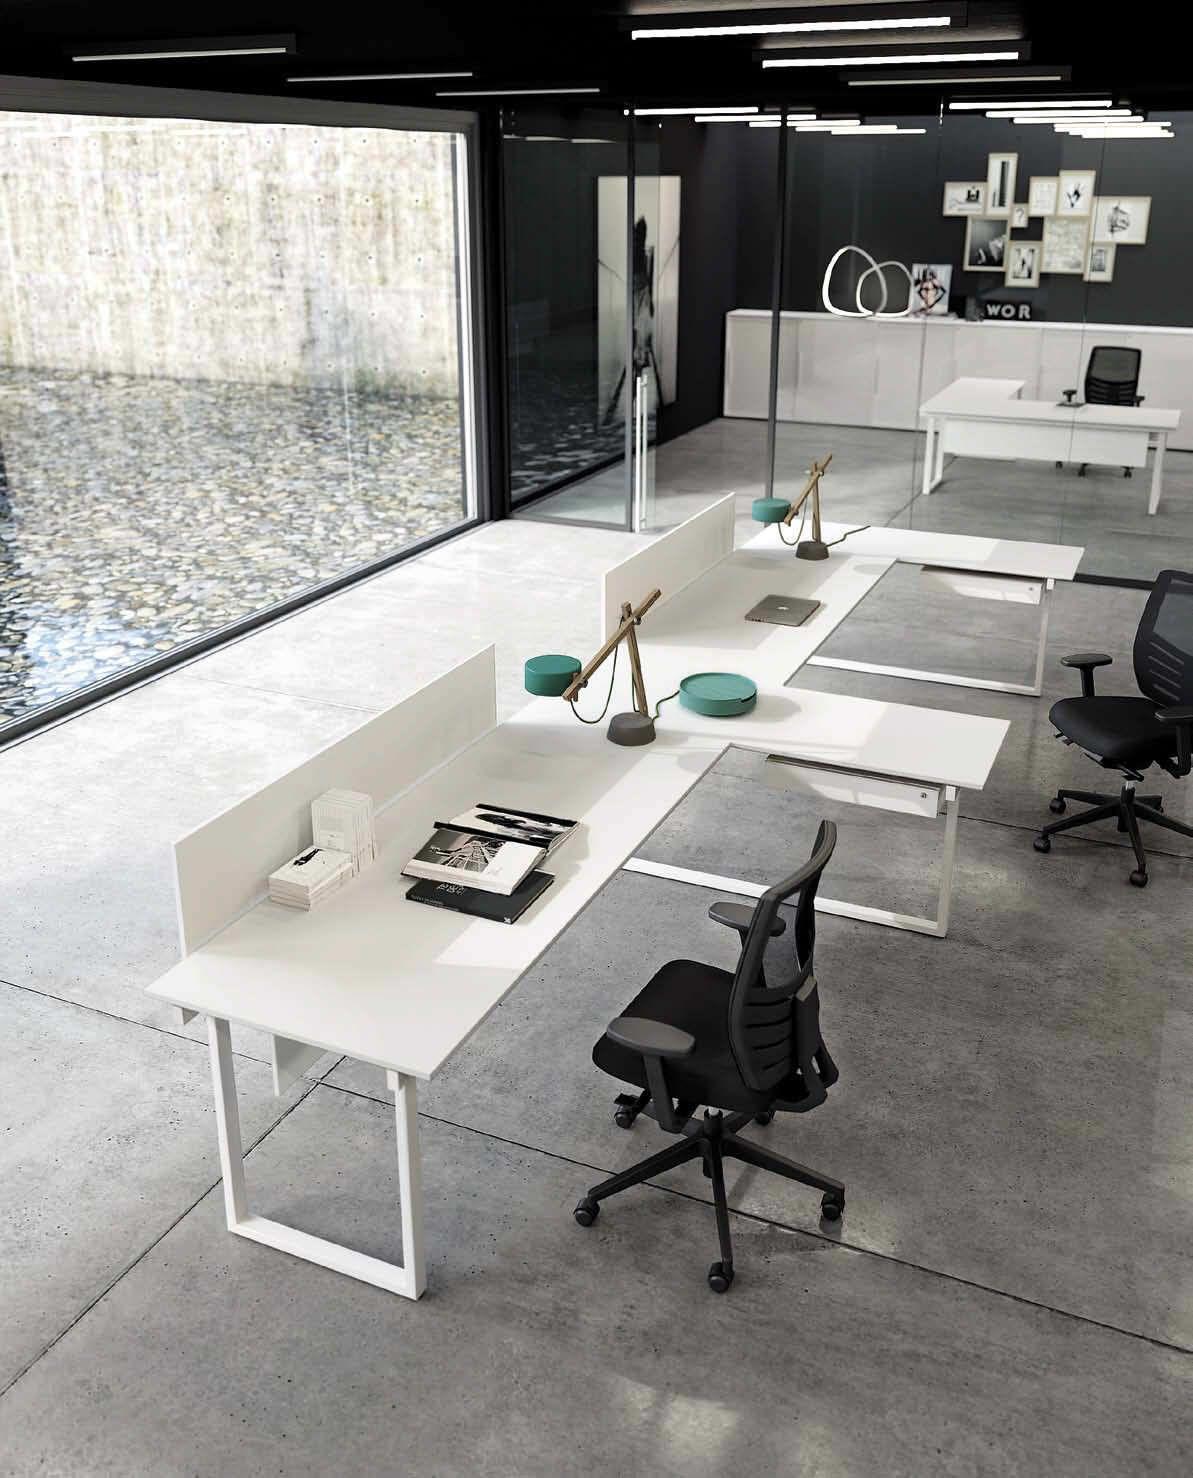 Frezza Edificios Públicos Espacios Urbanos Archiexpo Diseño De Oficina En Casa Muebles De Oficina Diseño De Interiores Oficina